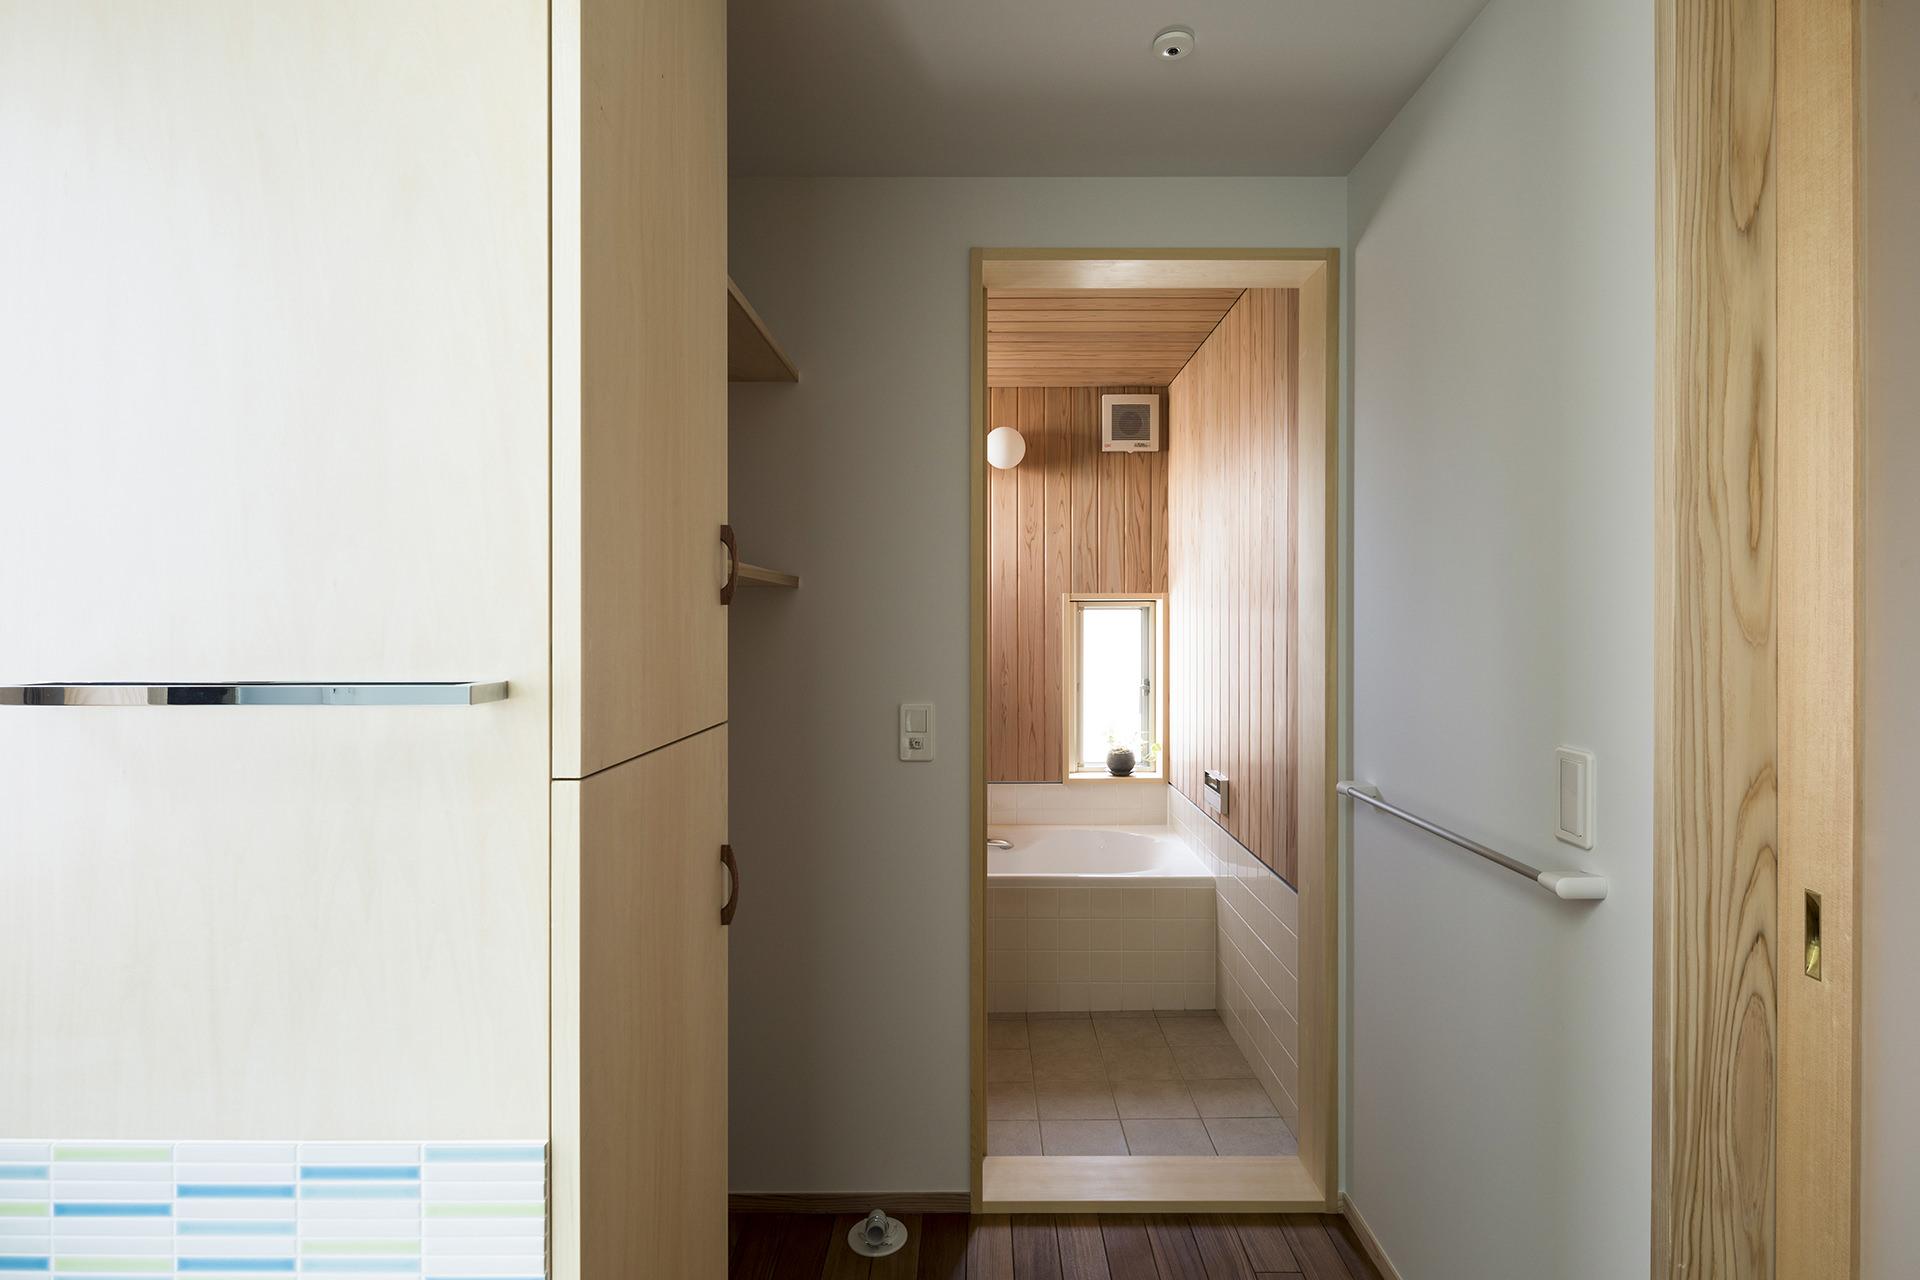 鶴川の家 Ⅳ イメージ17 撮影:東涌写真事務所・東涌宏和